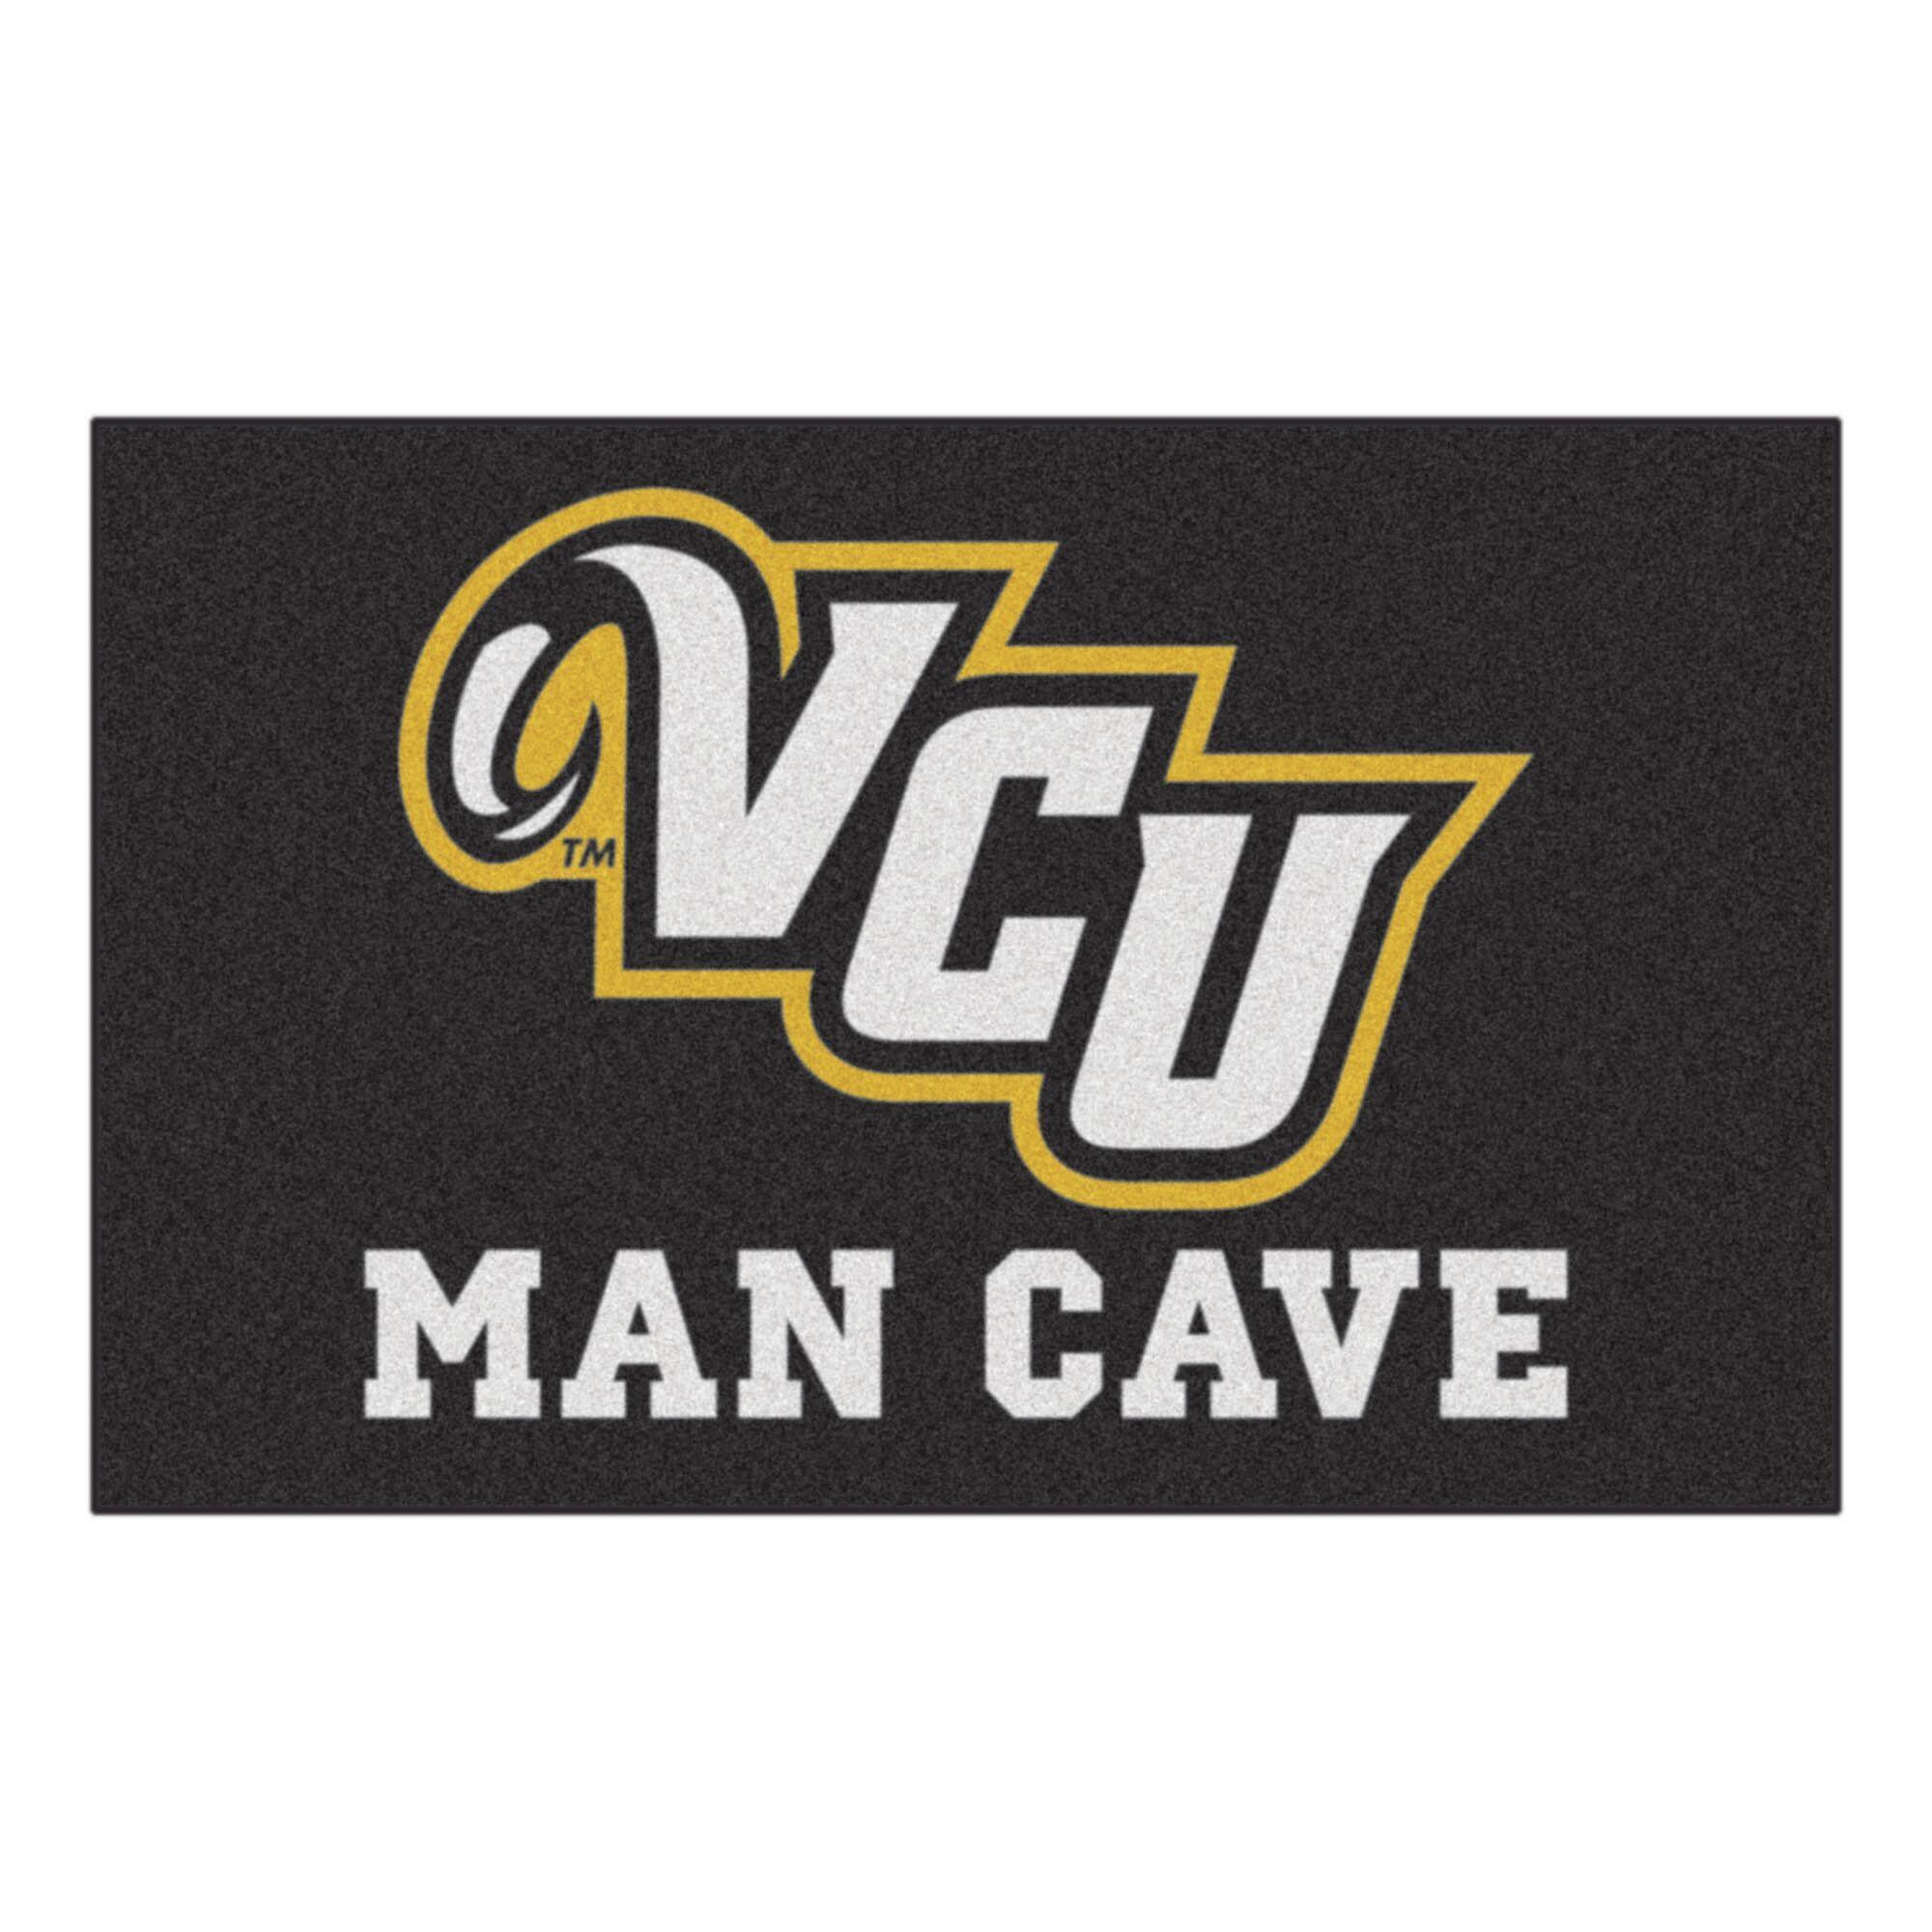 Collegiate NCAA Virginia Commonwealth University Man Cave Doormat